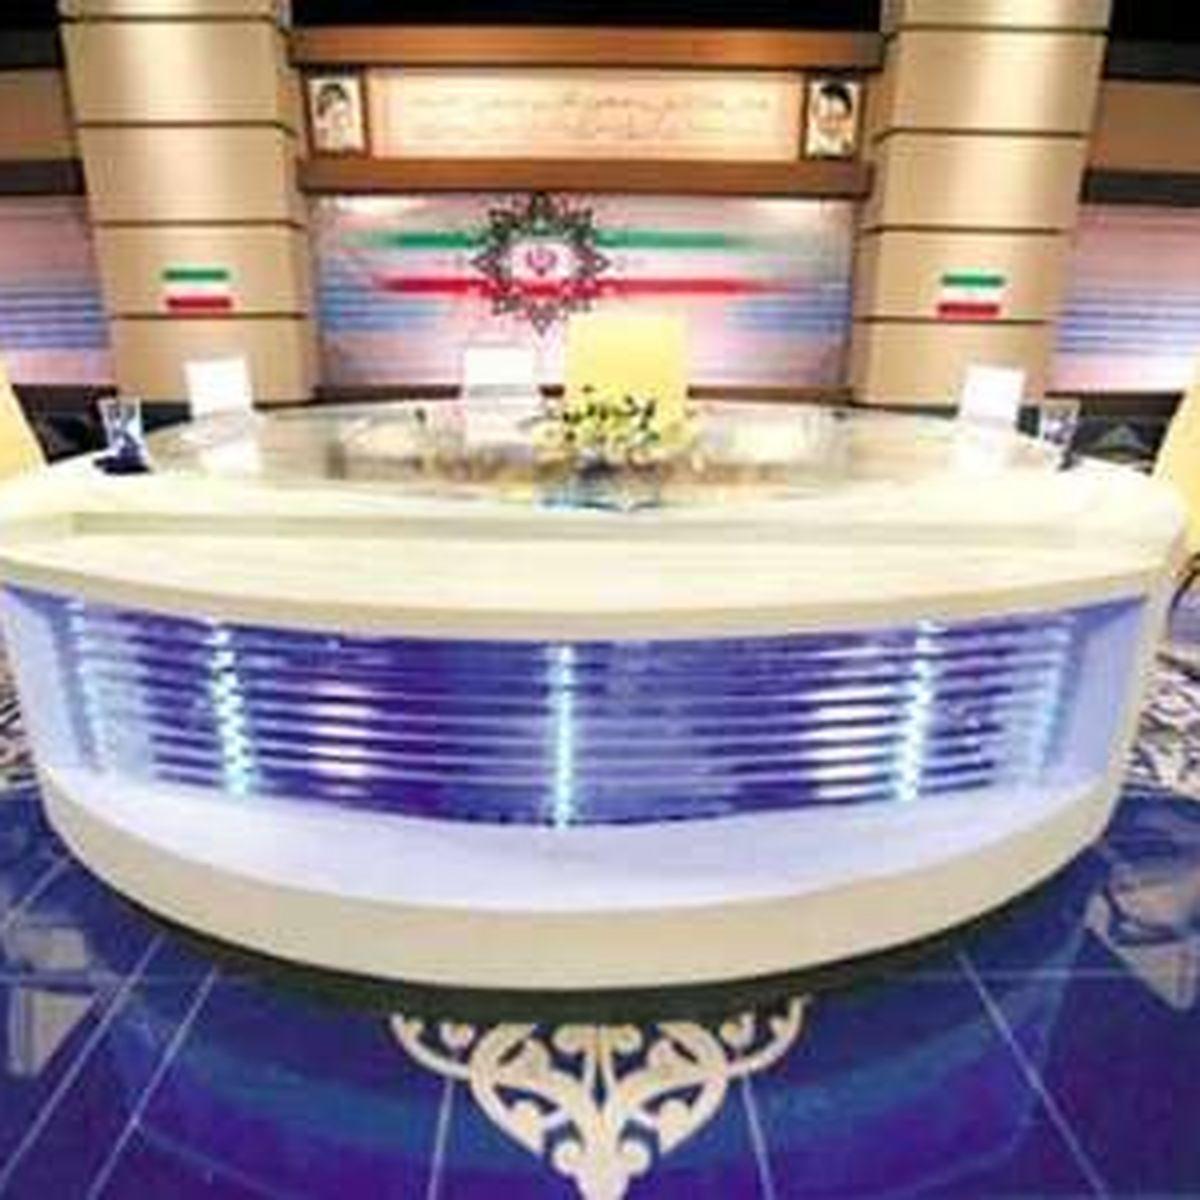 برنامههای انتخاباتی تلویزیون؛ مجری احتمالی مناظره کیست؟